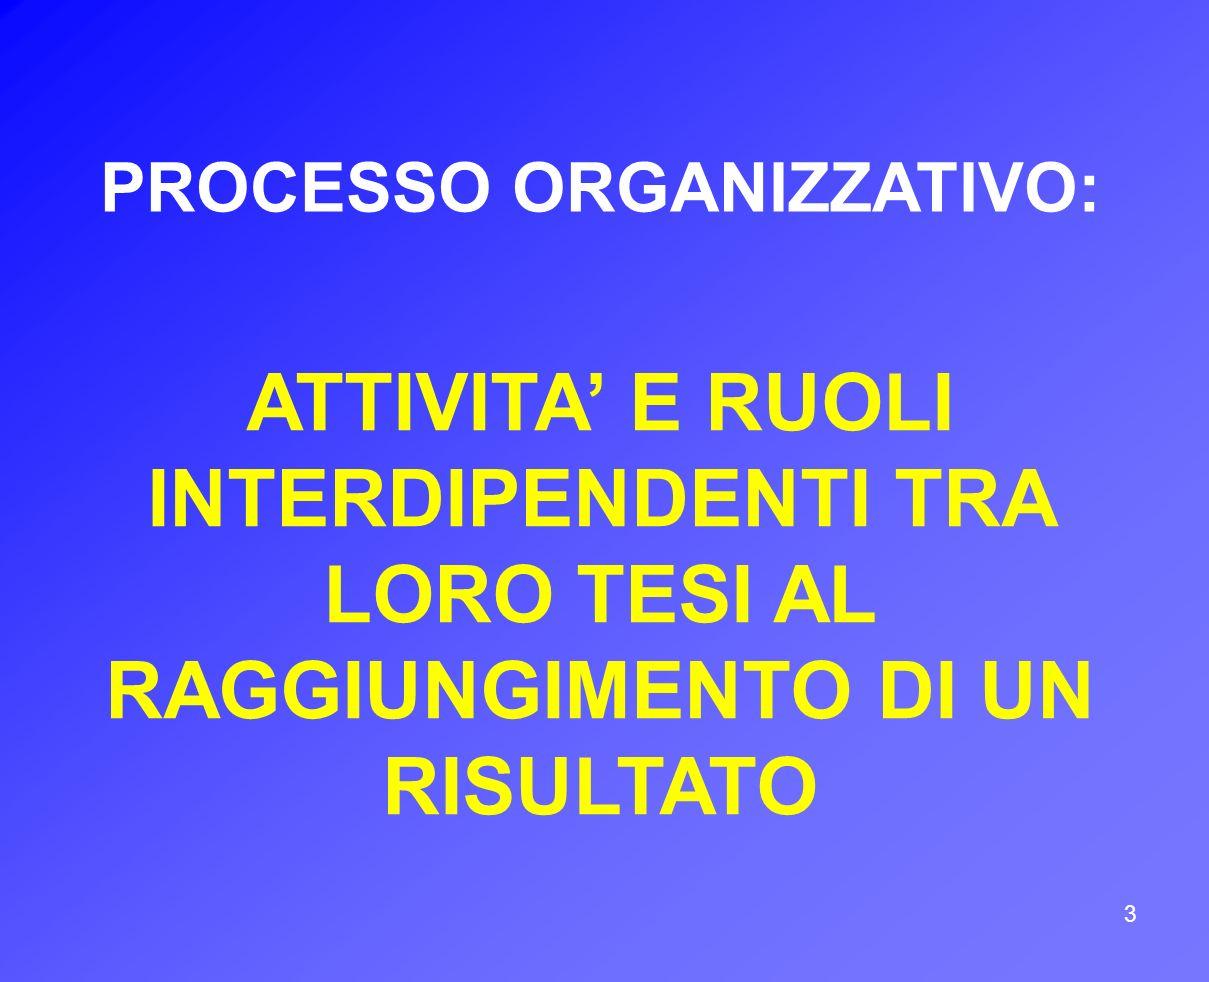 3 PROCESSO ORGANIZZATIVO: ATTIVITA E RUOLI INTERDIPENDENTI TRA LORO TESI AL RAGGIUNGIMENTO DI UN RISULTATO